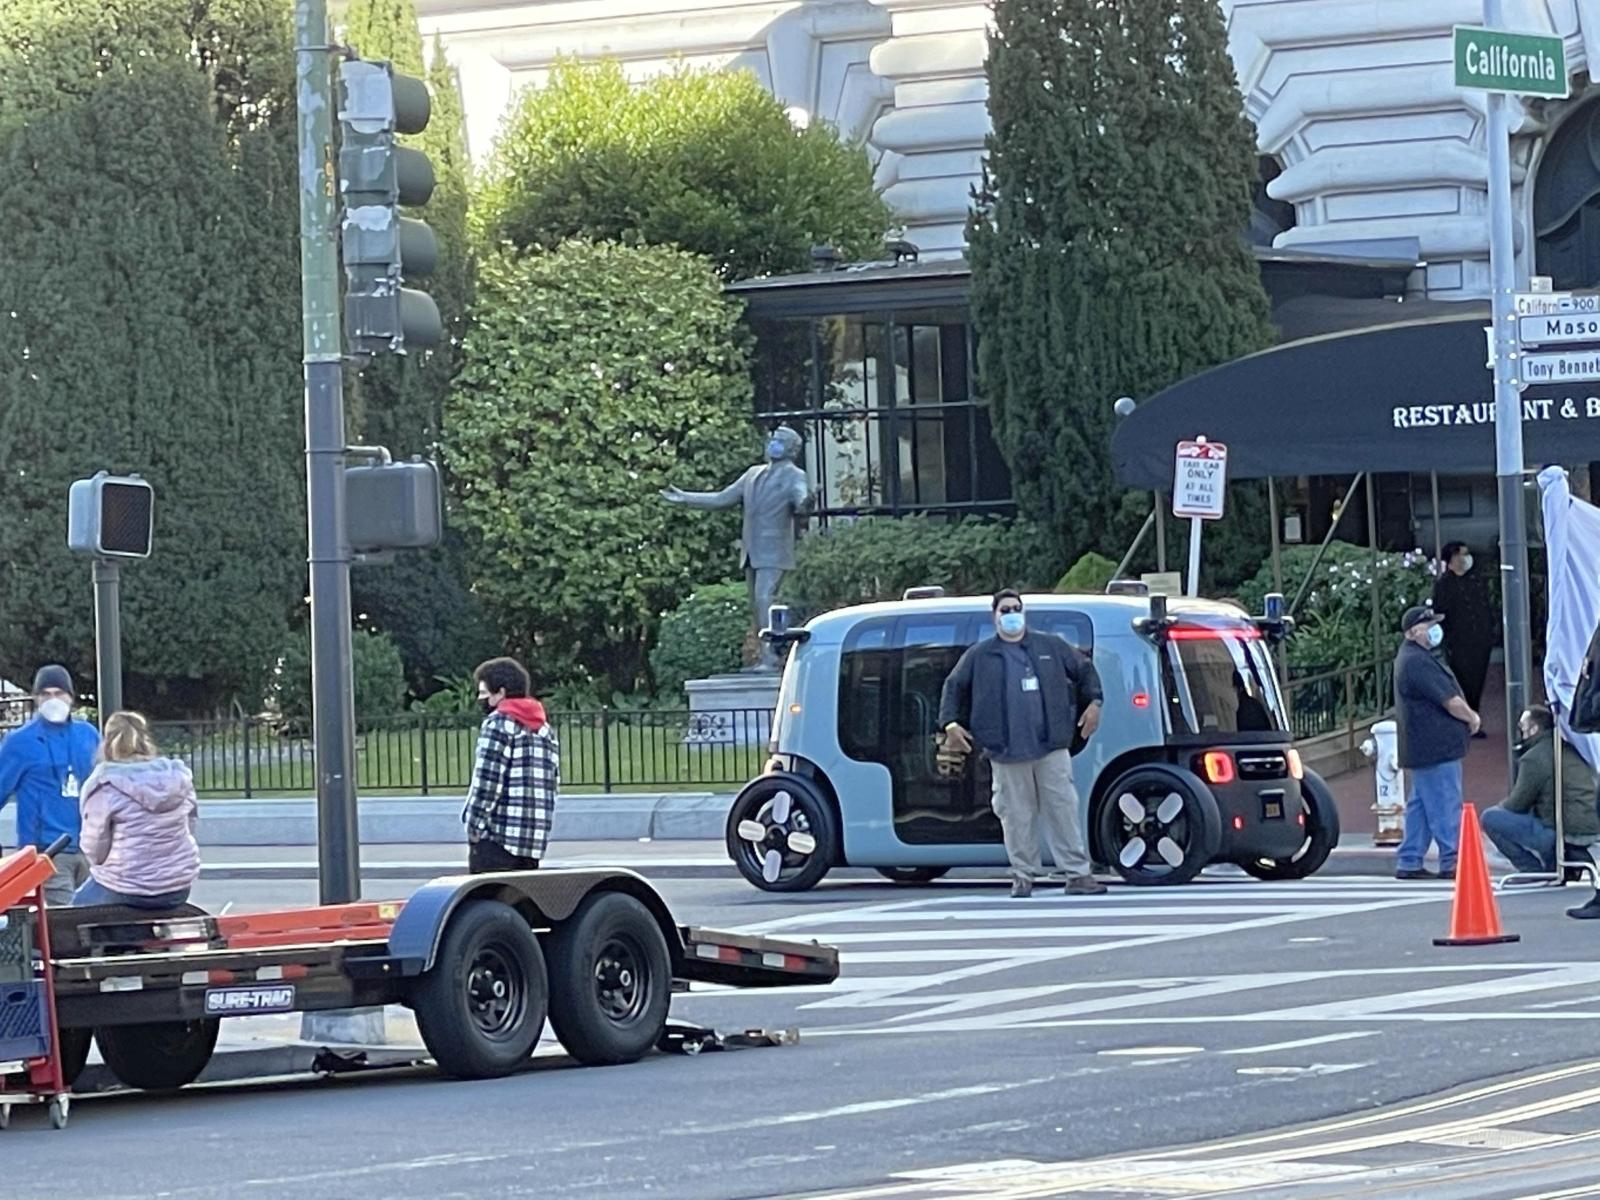 zoox-samochod-autonomiczny-amazon-san-francisco-fairmont